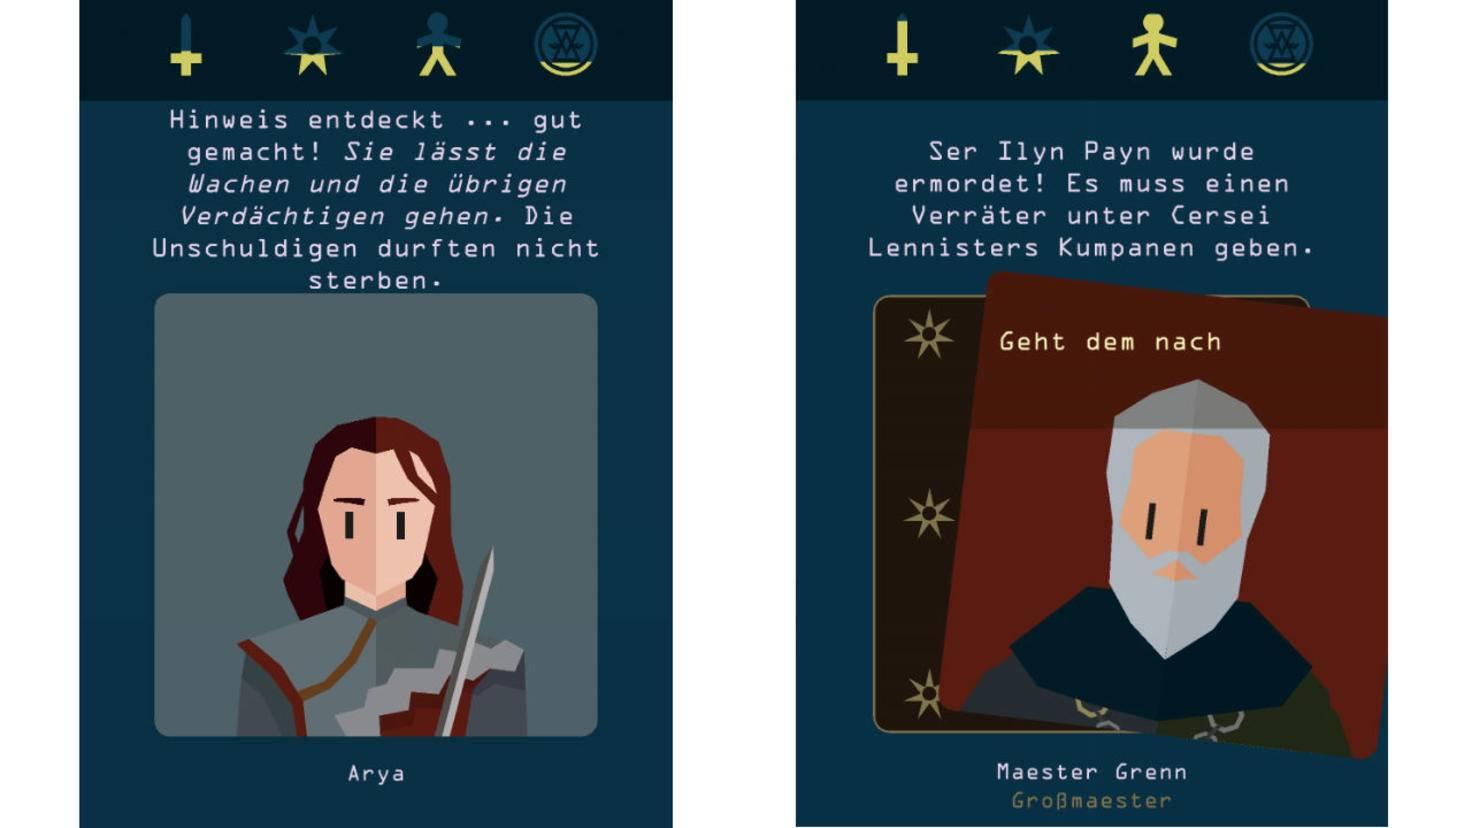 Das ermöglichst verschiedenste Perspektiven: Was wäre, wenn Gendry auf dem Thron säße?